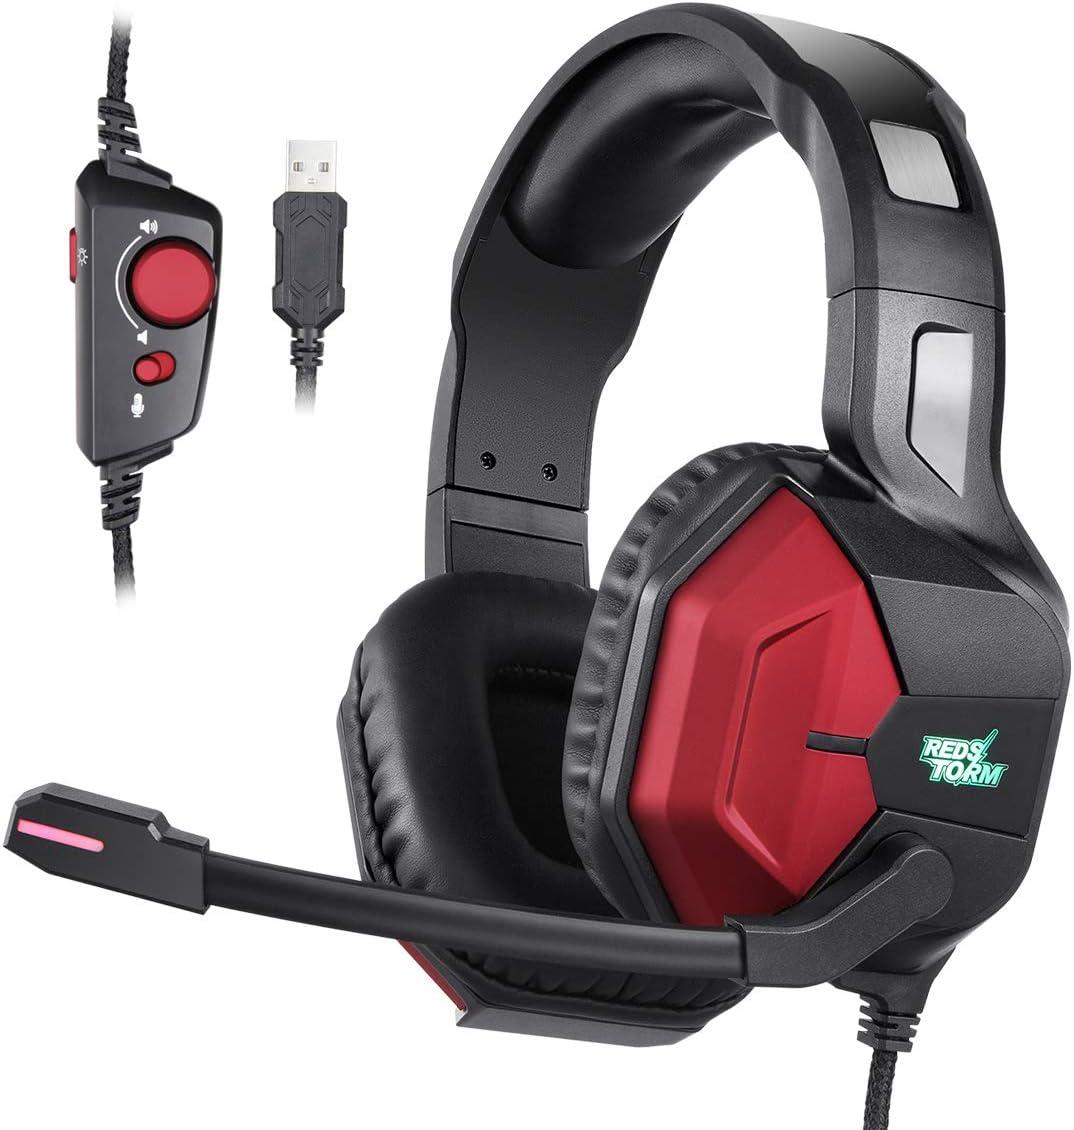 7.1 Auriculares Gaming, EasySMX Cascos Gaming 7.1 Sonido Envolvente Para PC, PS4 y PS3 con RGB Luz y Cancelación de Ruido, Auriculares Juegos con Orejeras Suaves y Sonido Estéreo